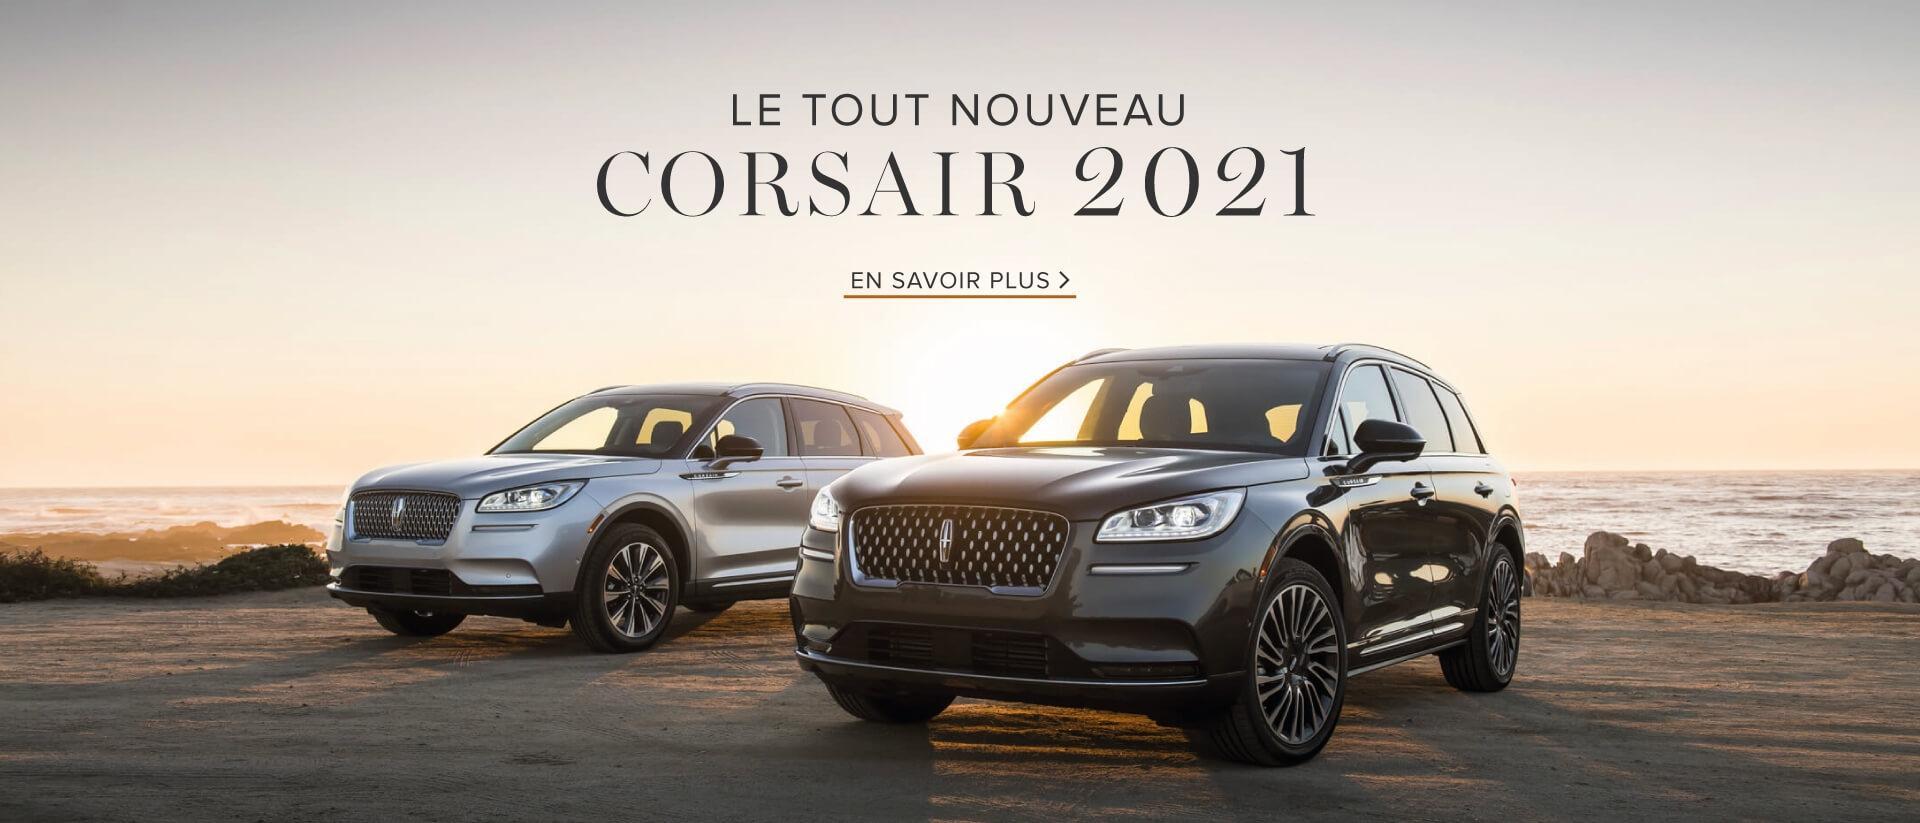 Corsair 2021